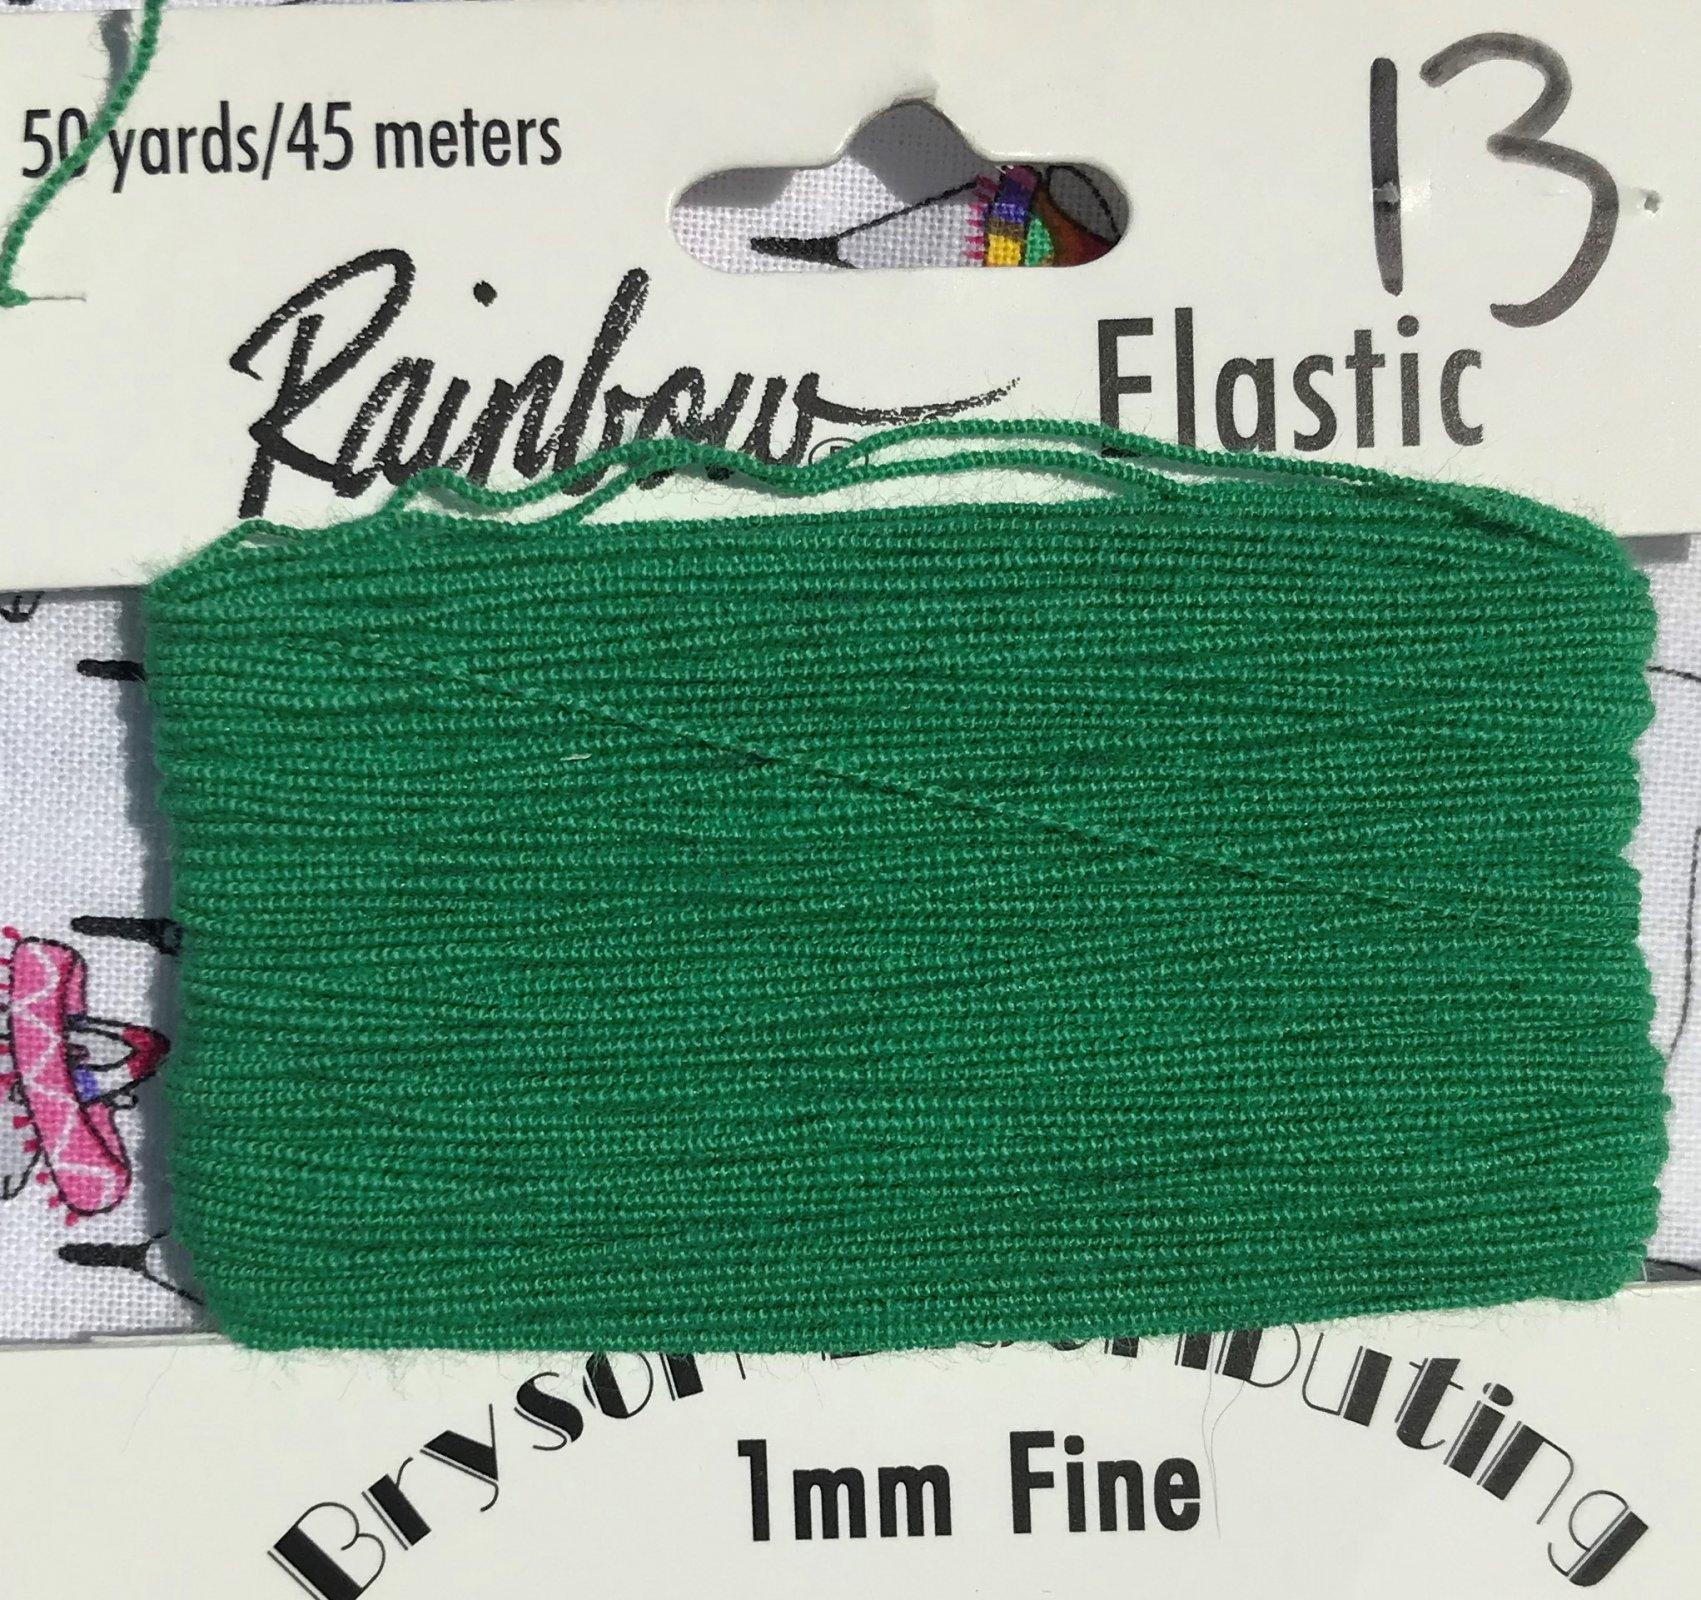 Grass, 1mm Fine-50y Elastic